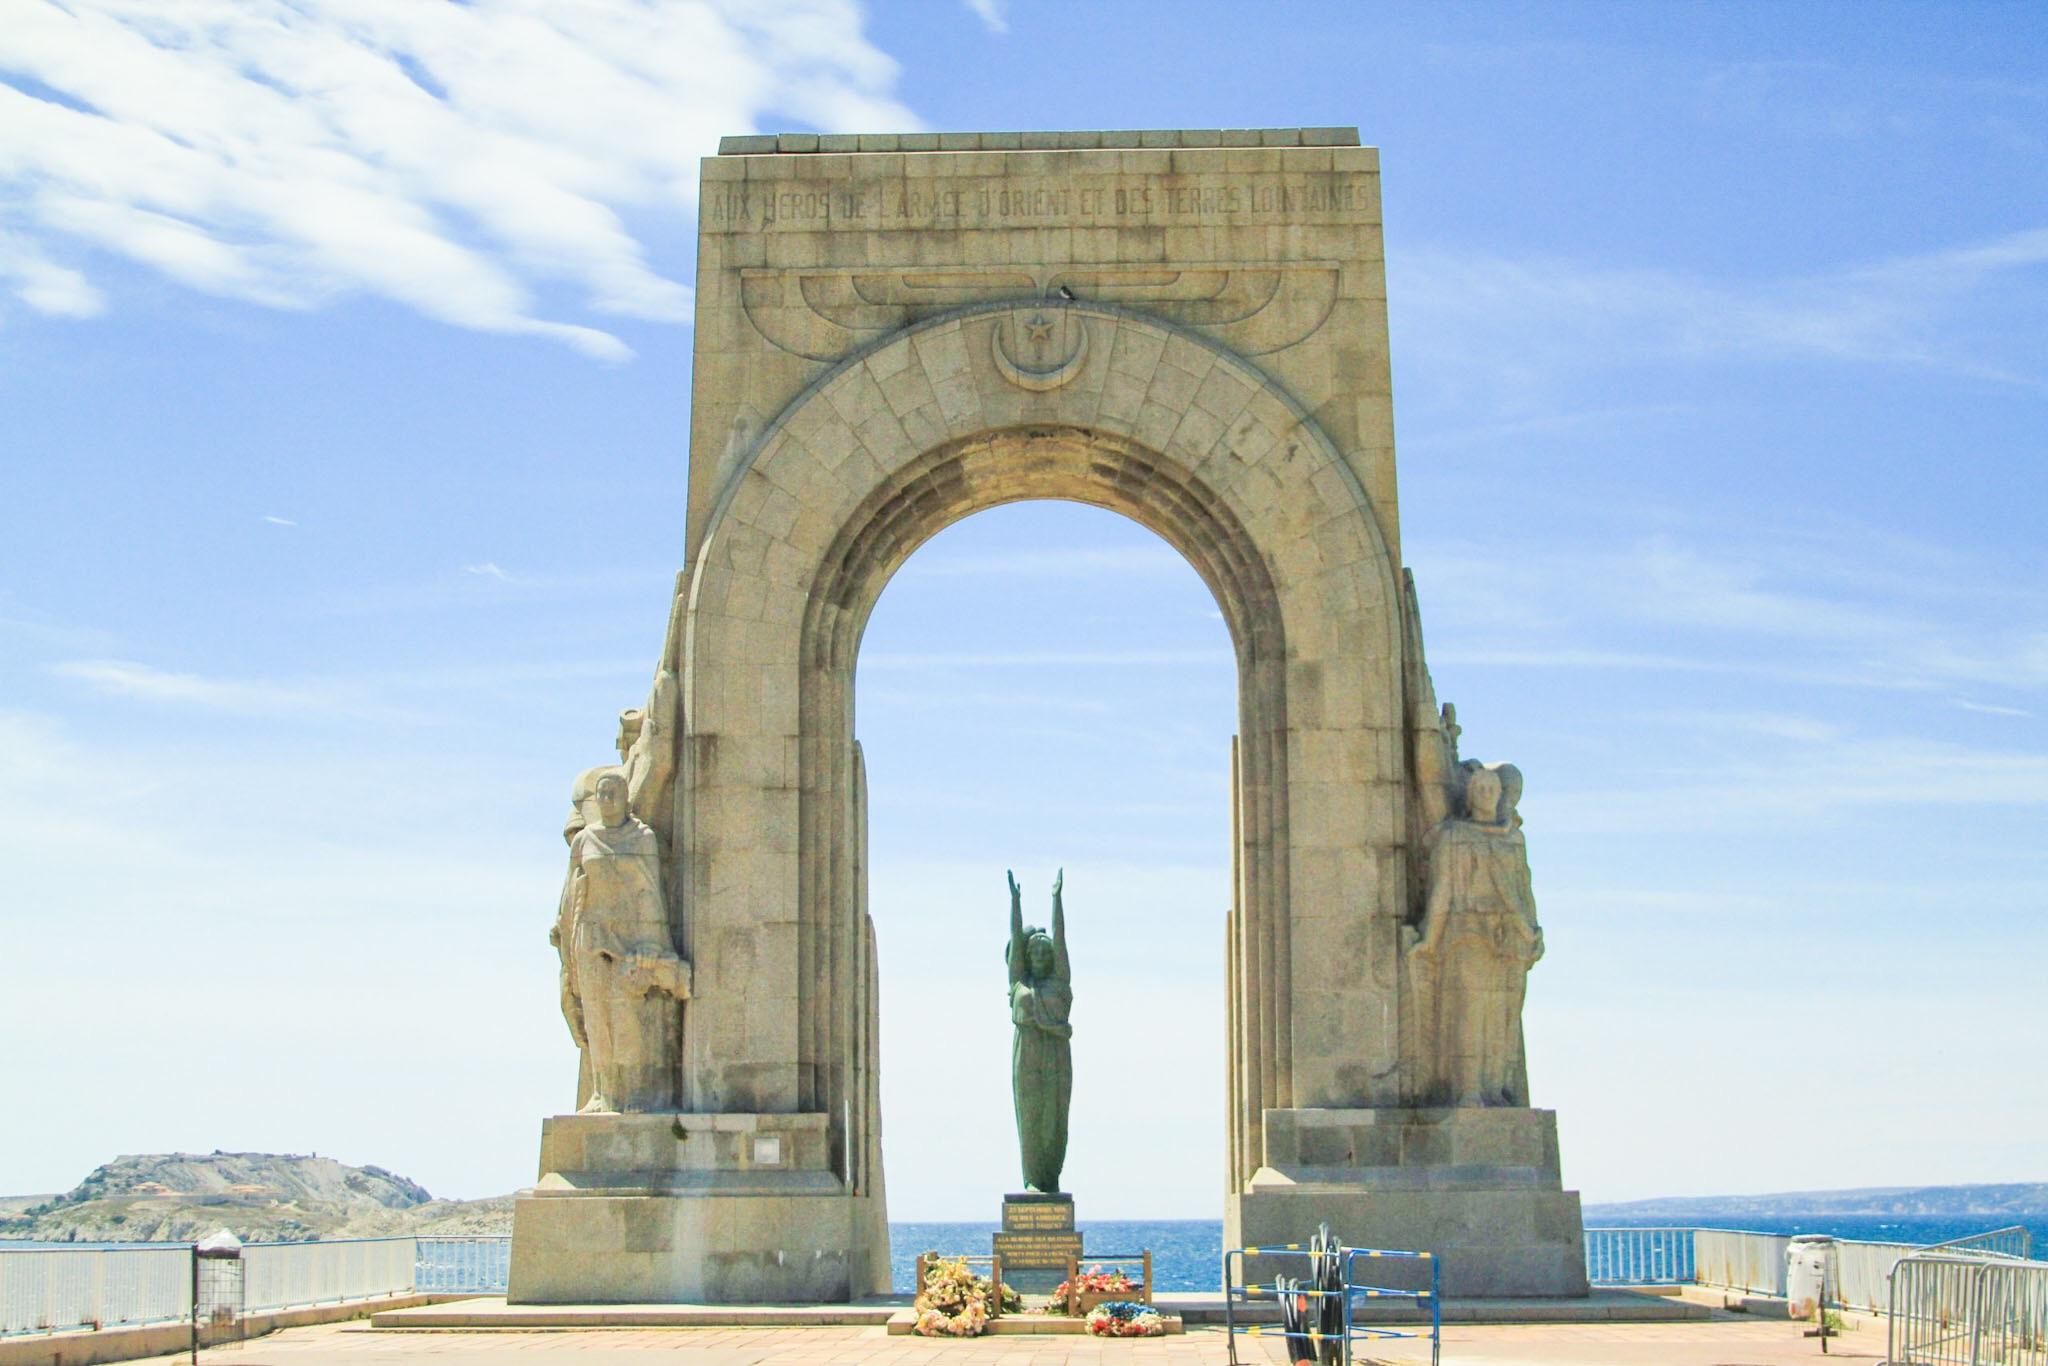 La Porte de l'Orient in Marseille, France #mfrancisdesigntravels